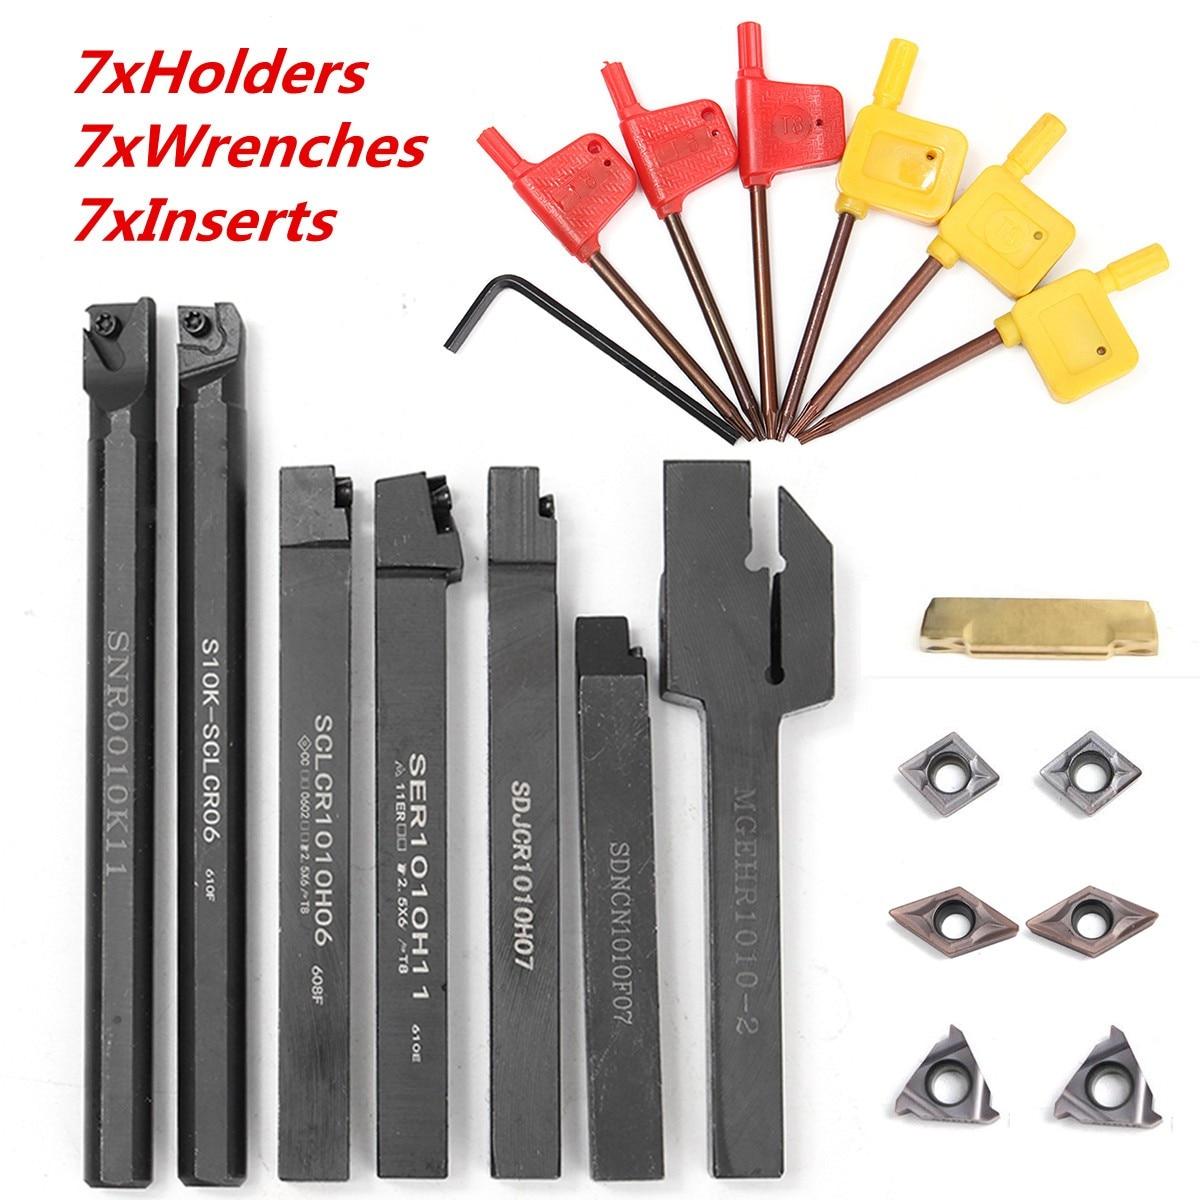 Conjunto de 21 unidades de insertos de carburo DCMT CCMT + portaherramientas de 10mm de barra de taladrado + llave para herramienta de torneado de torno